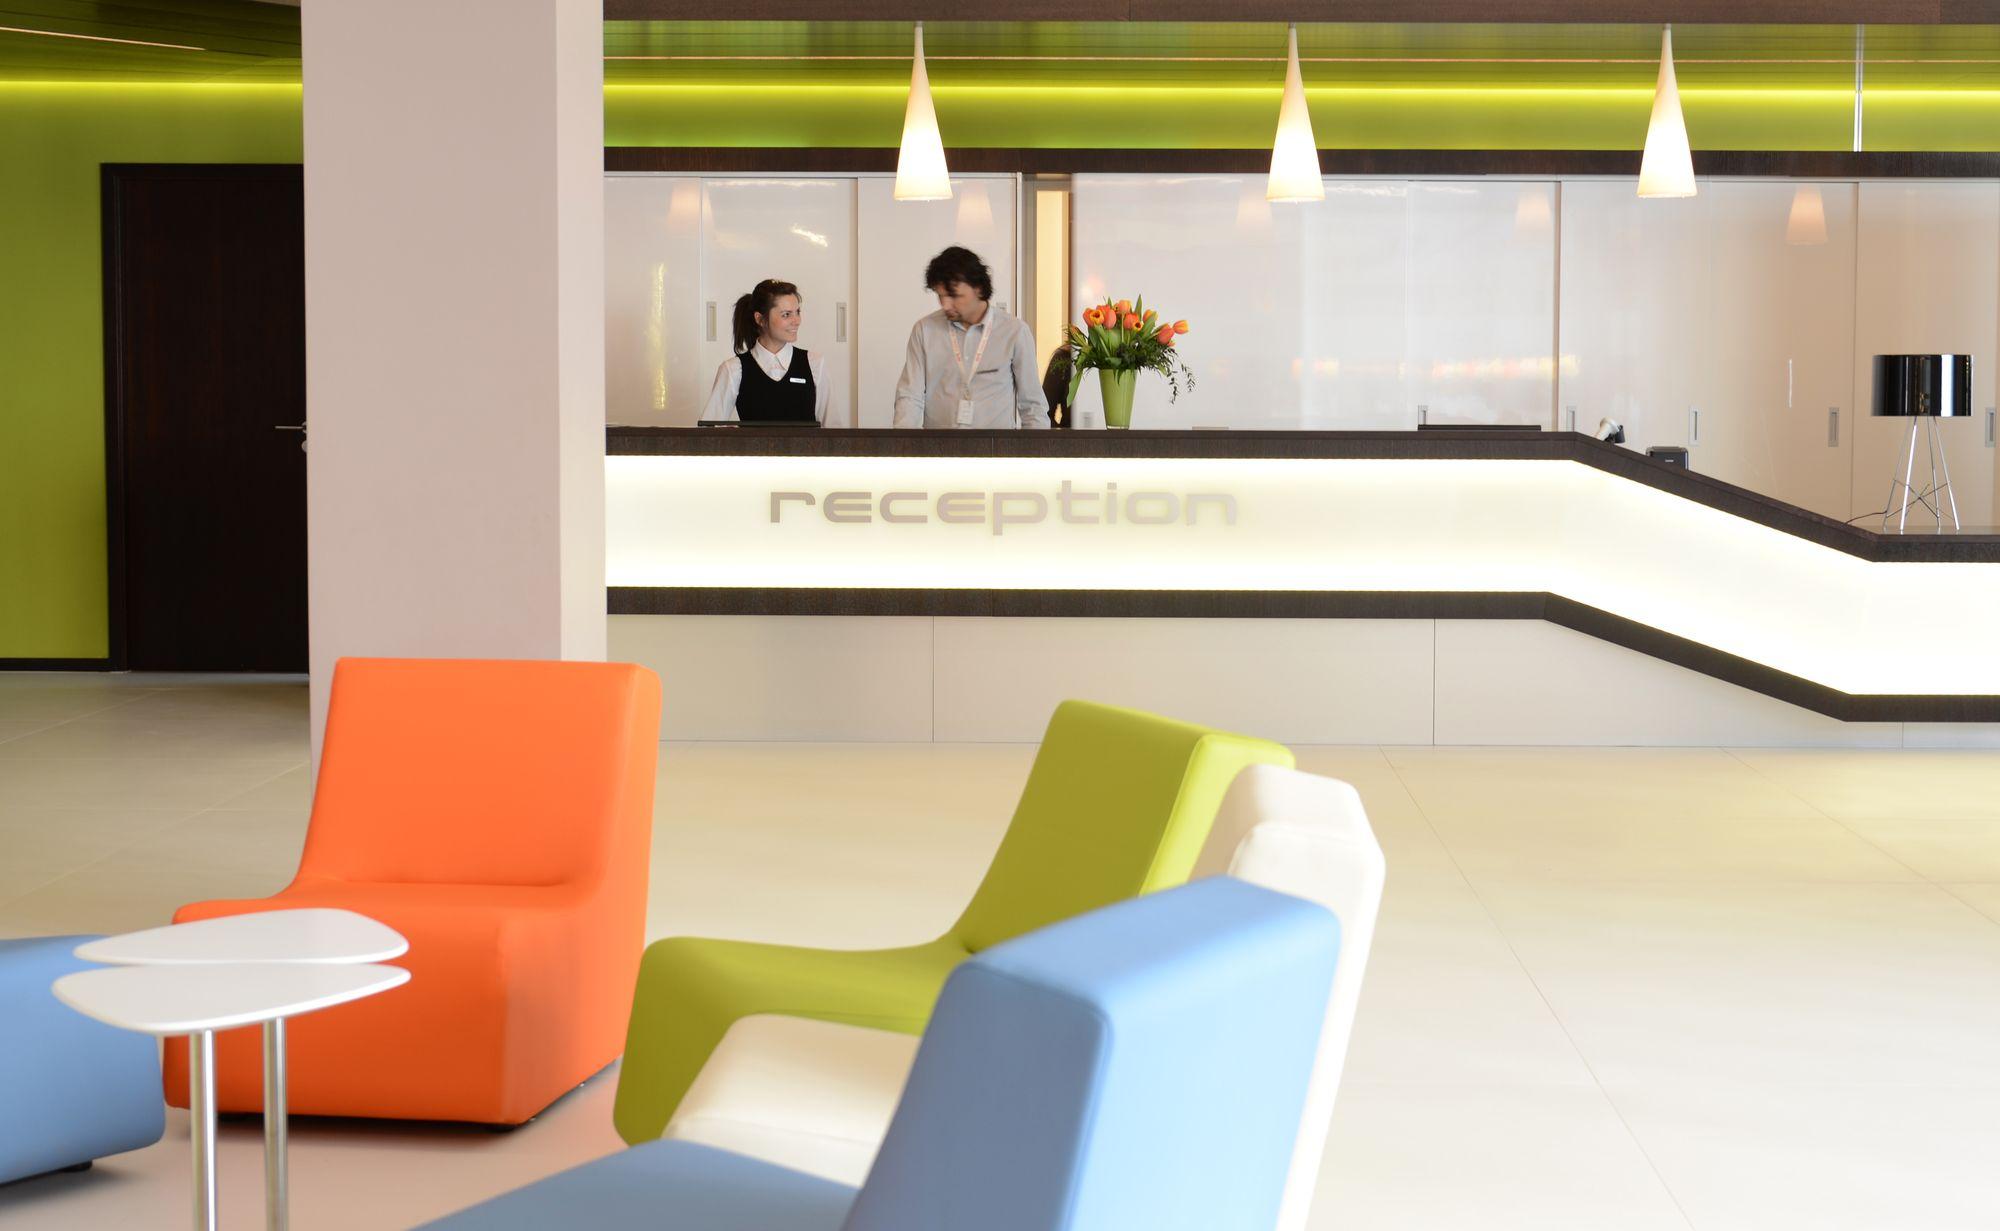 Art Hotel Szeged - Recepció_1